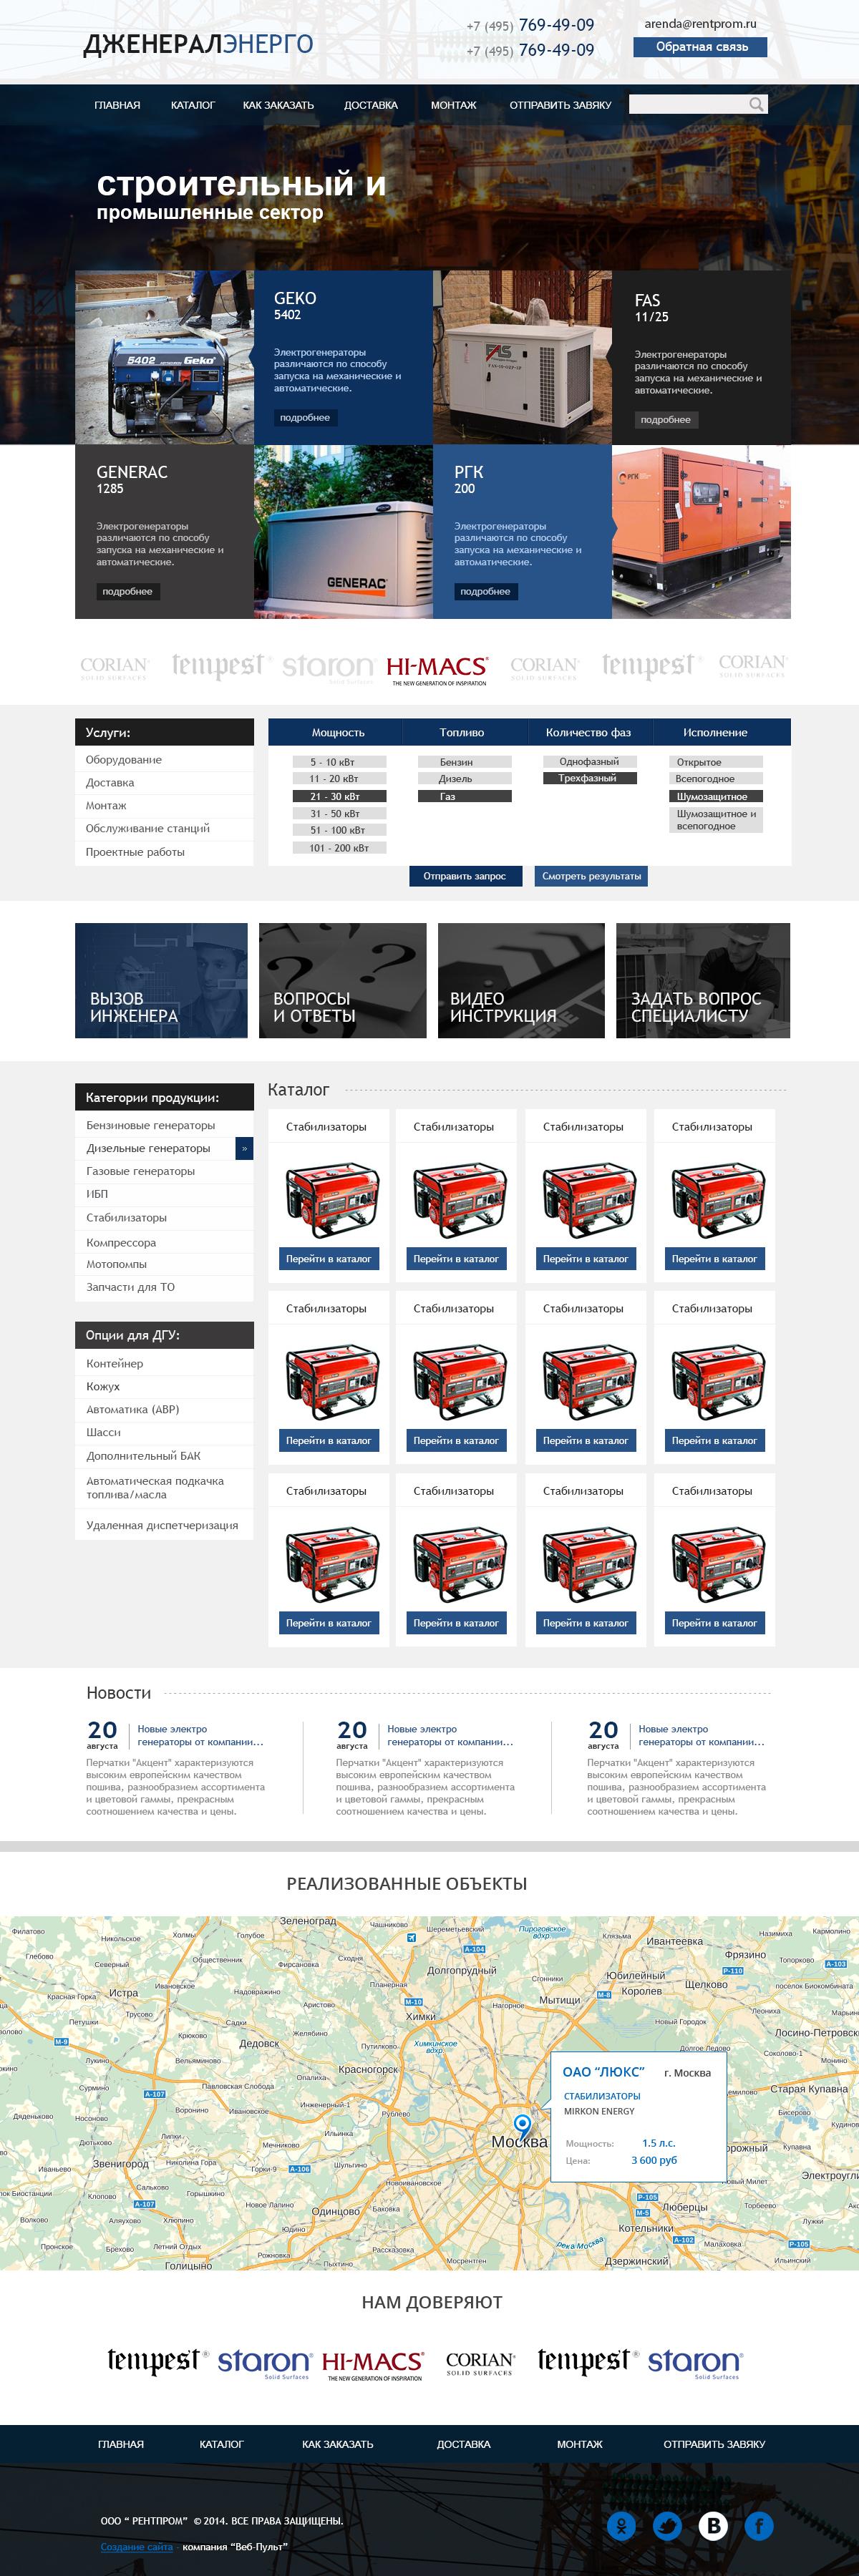 Дизайн сайта по продаже электрогенираторов